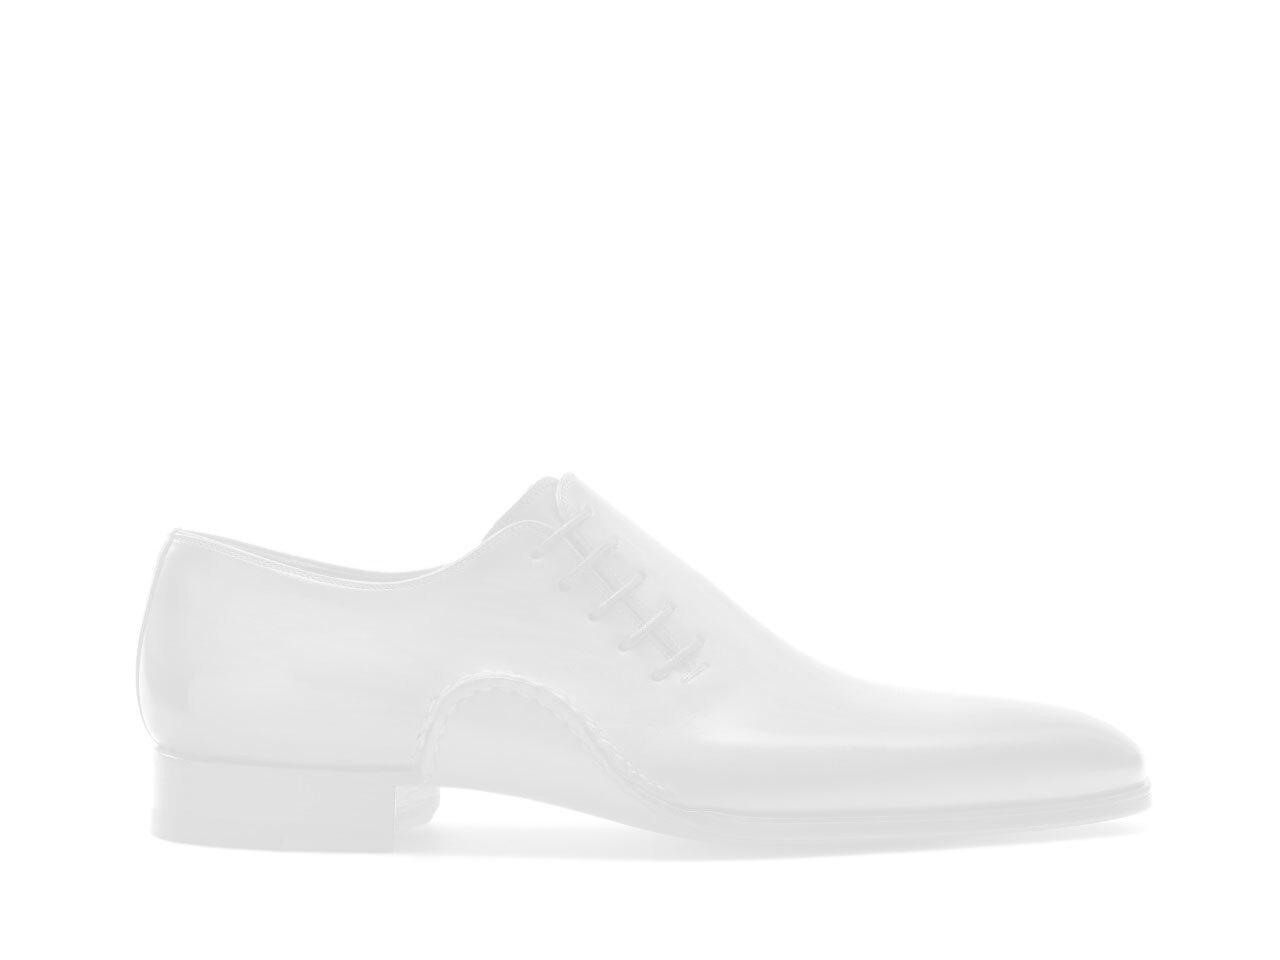 Sole of the Magnanni Hamilton Cuero Men's Oxford Shoes